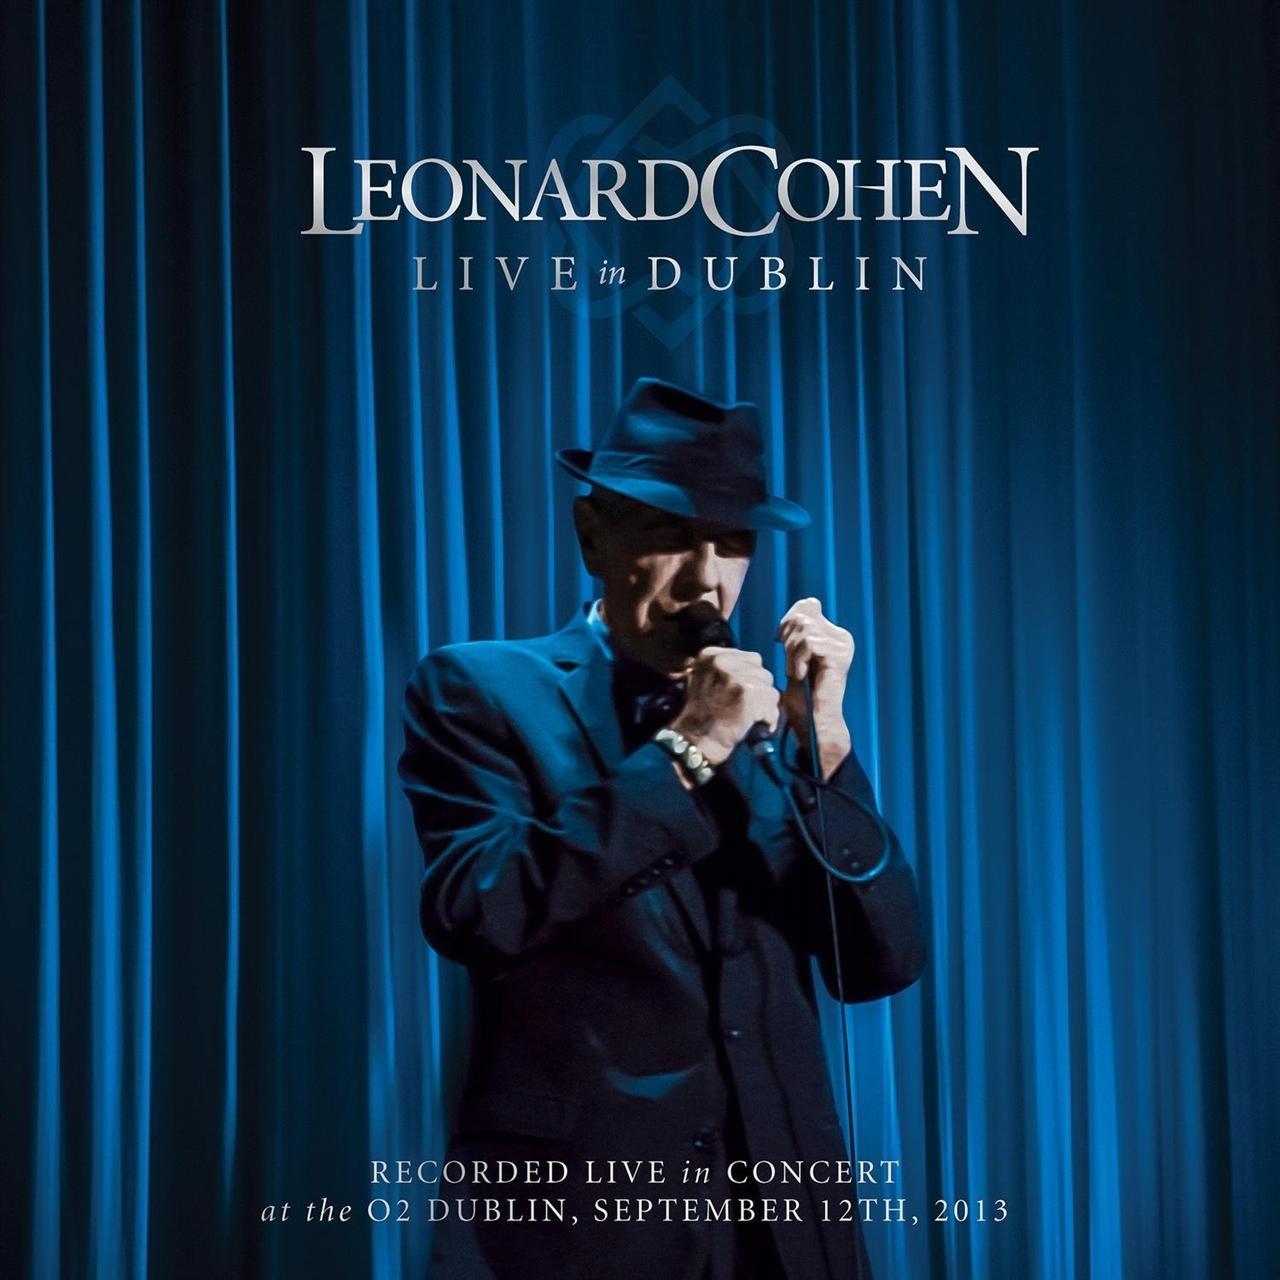 Live In Dublin(3CDset)